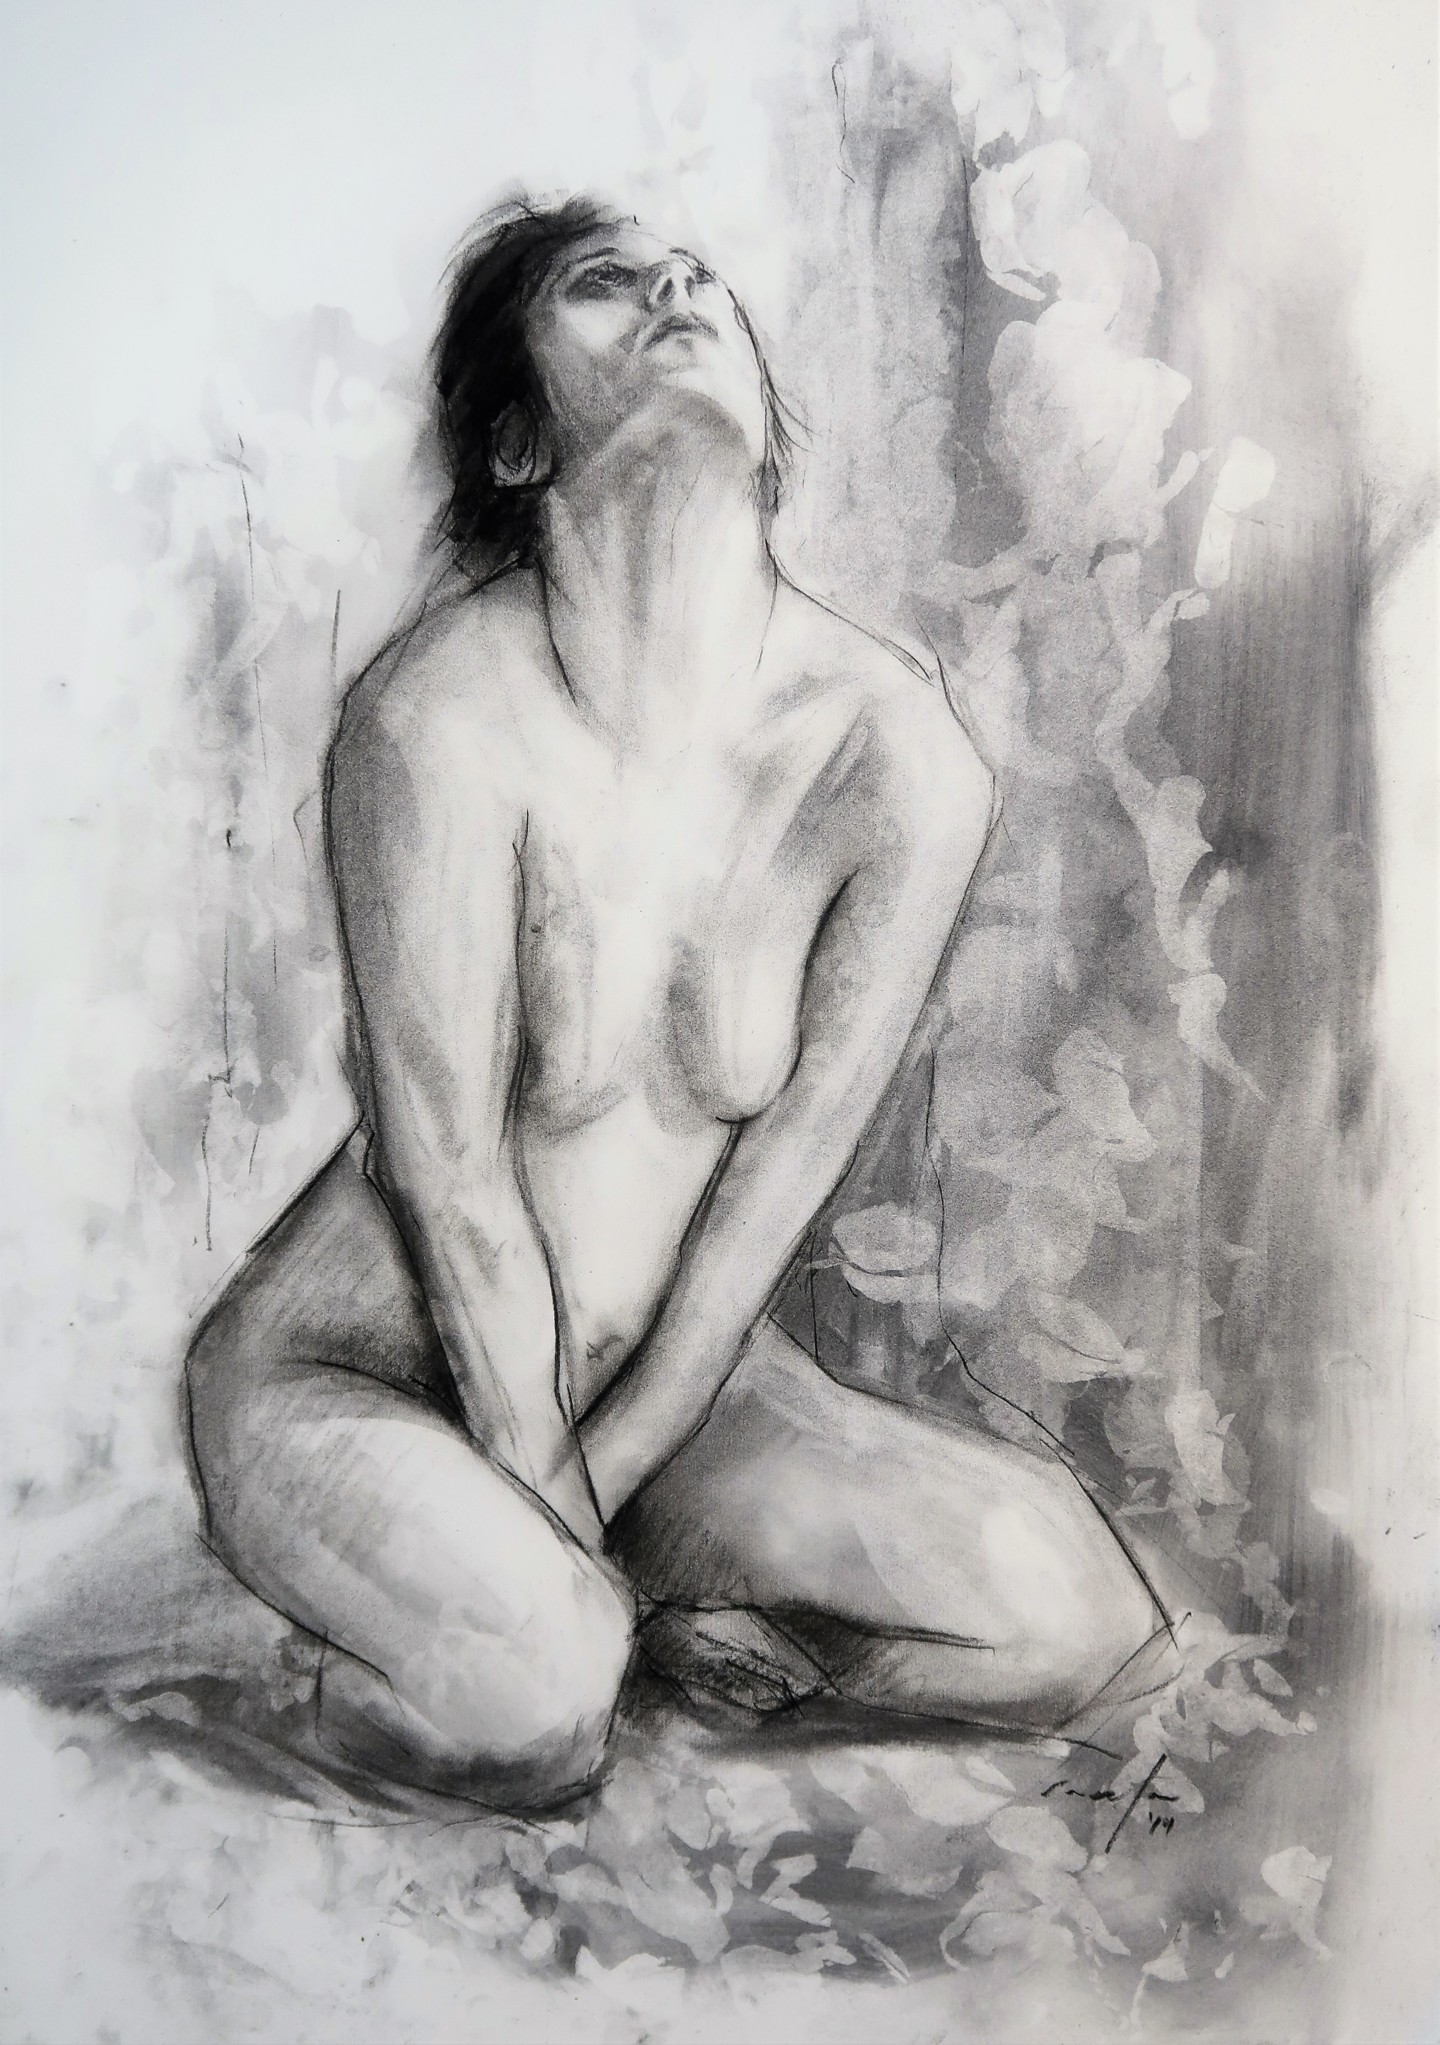 Rupert Cefai - nude 19.06